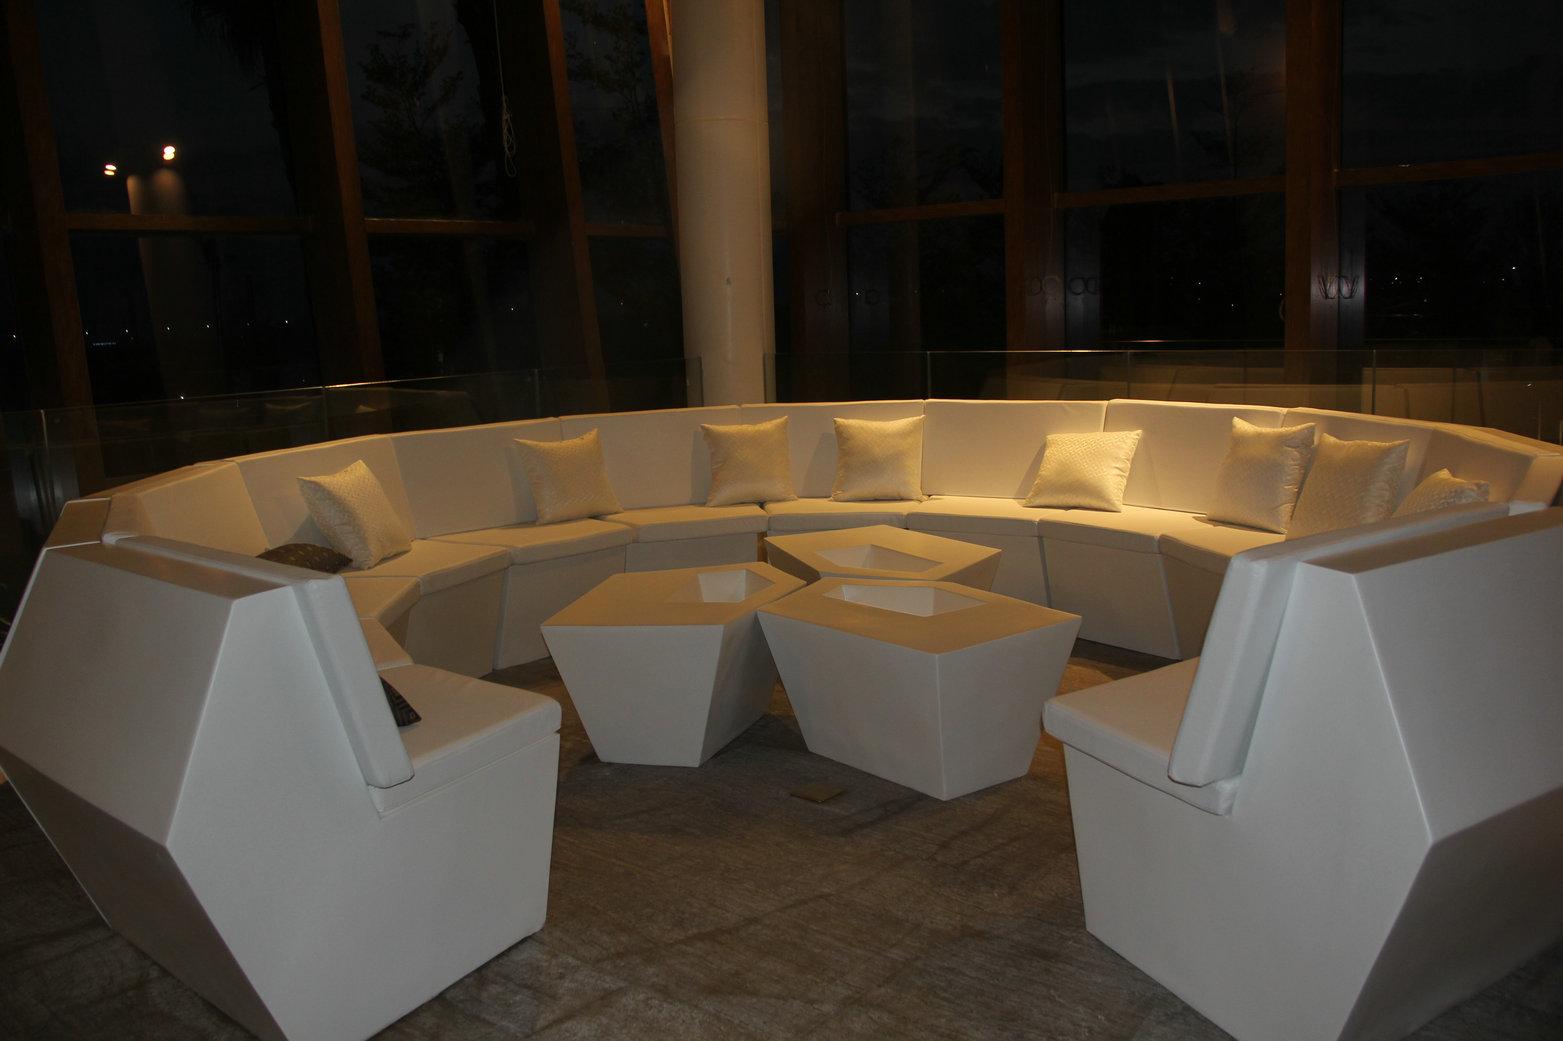 玻璃钢菱形组合多人沙发 户外高端酒店沙发 圆形 国际会议  任意组合 茶几 聚会party